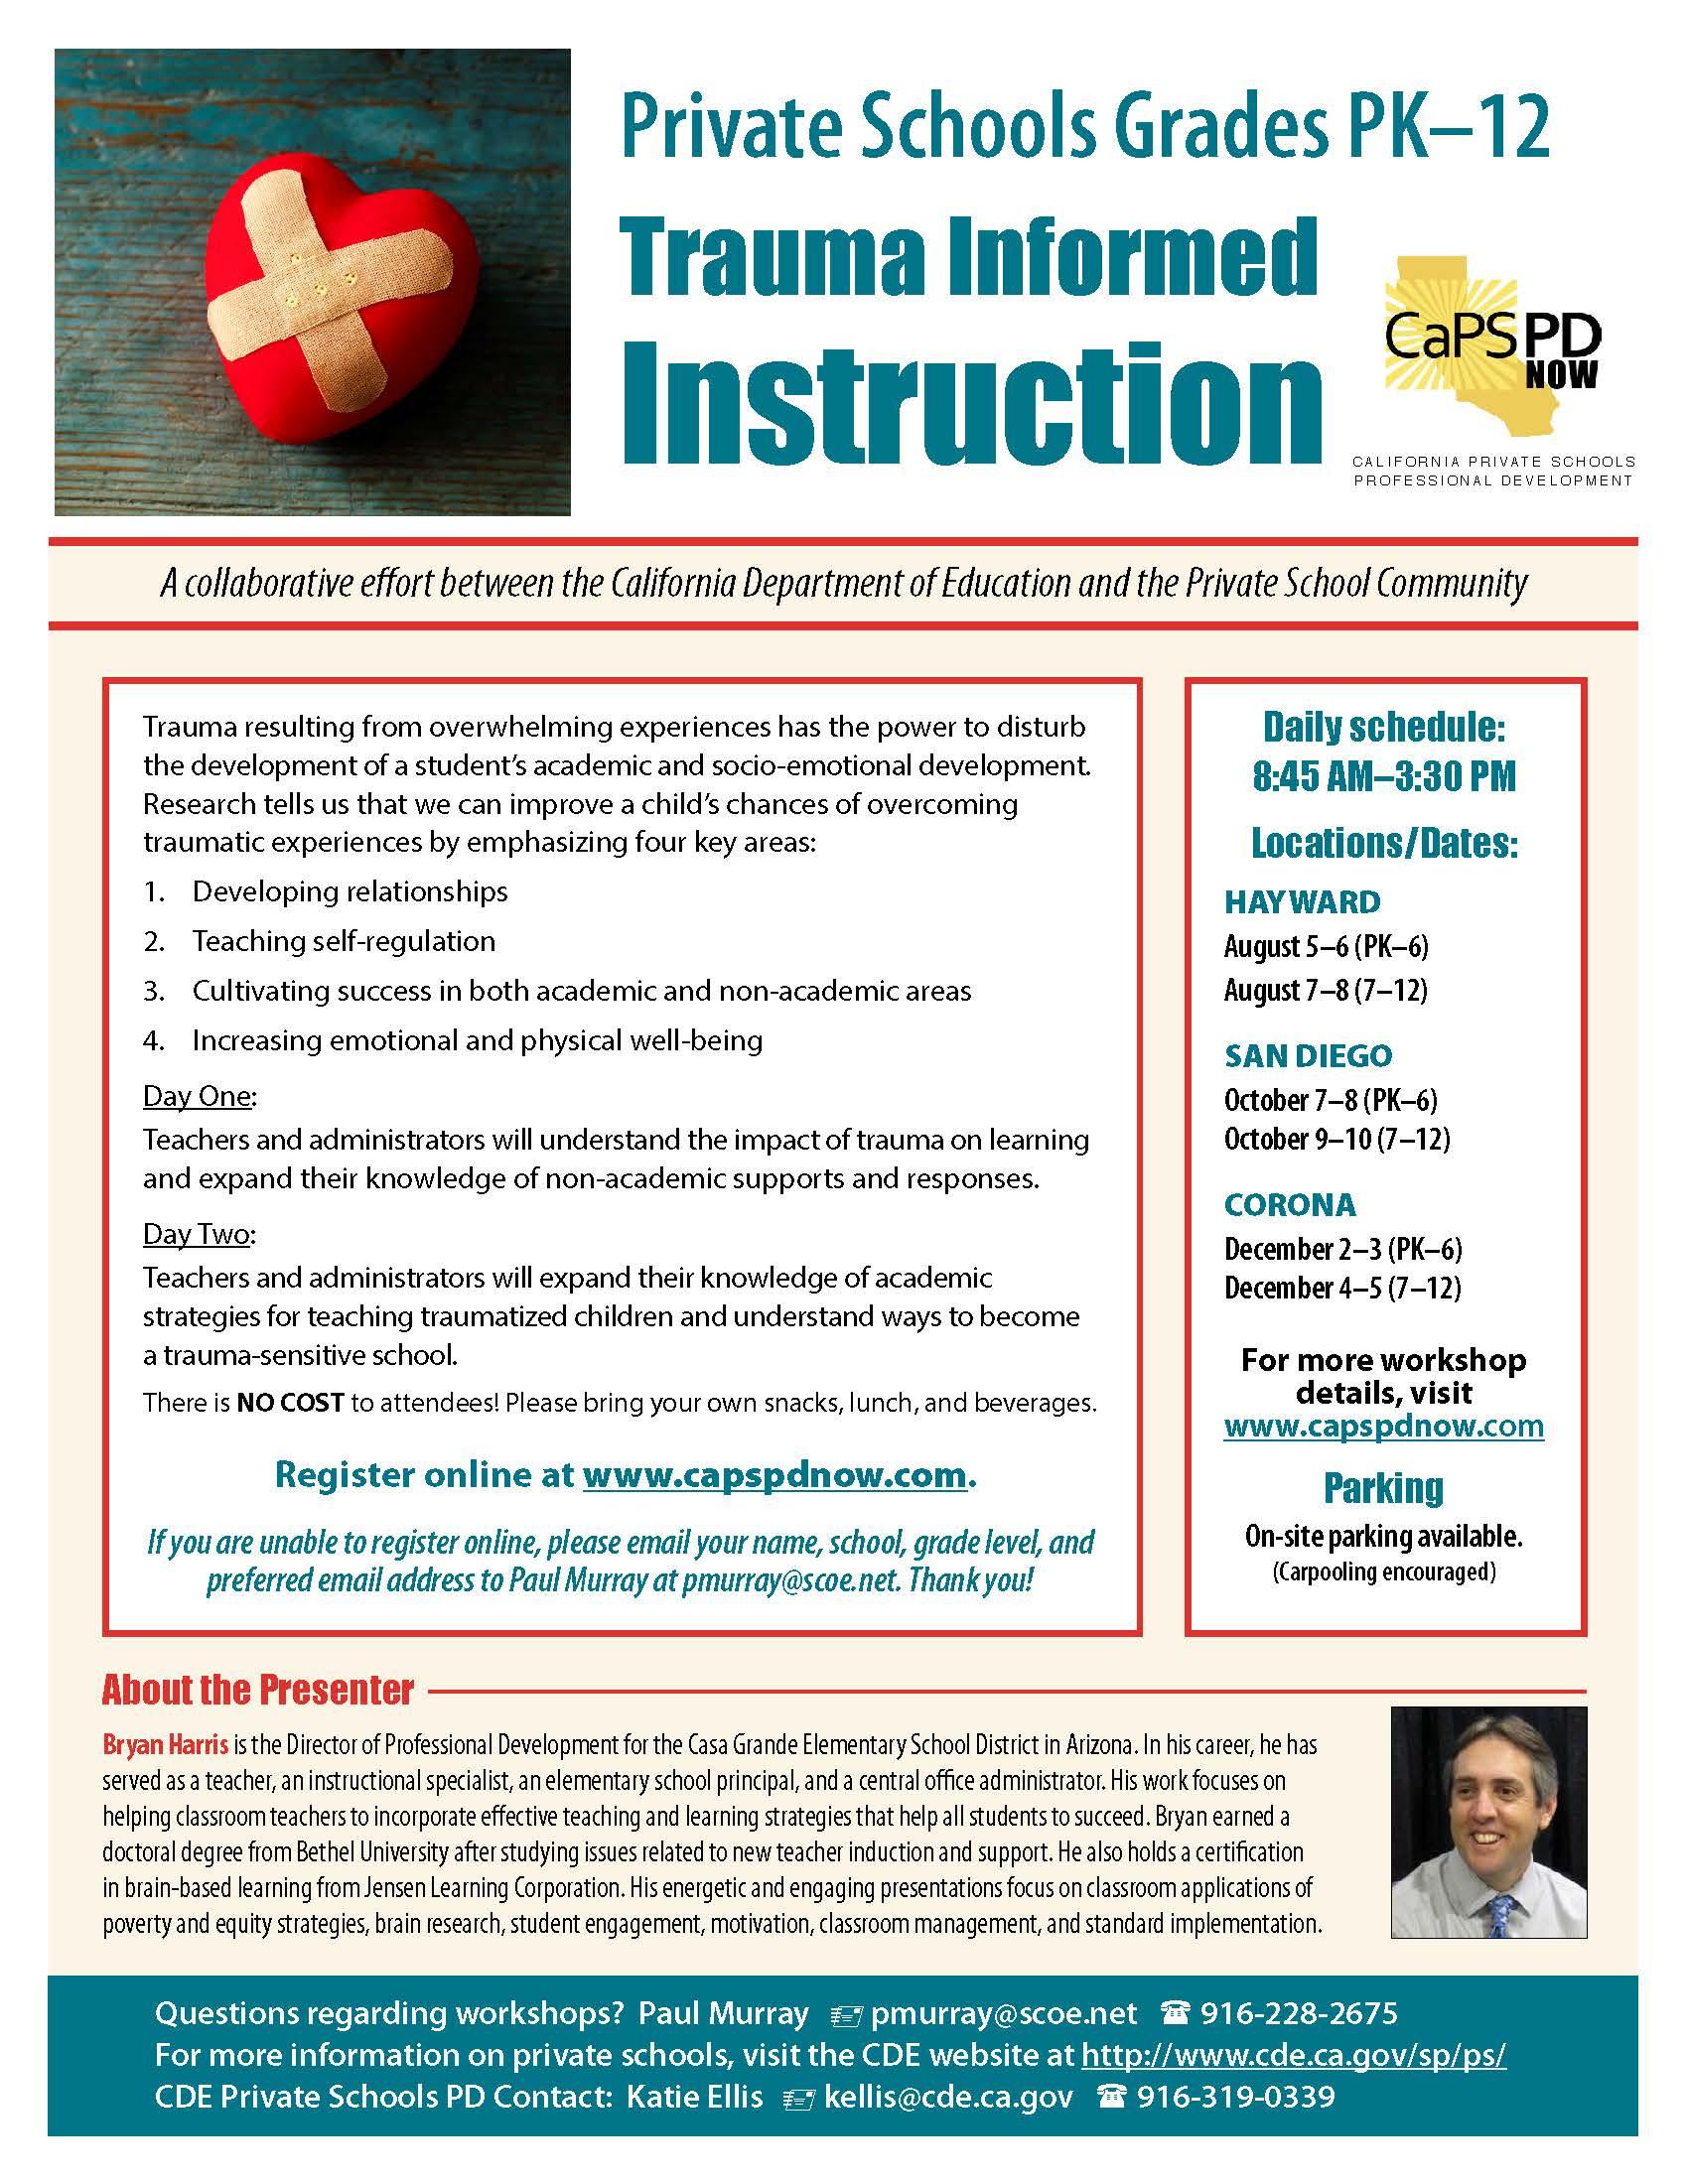 PS_Trauma_Informed_Instruction_051519.jpg